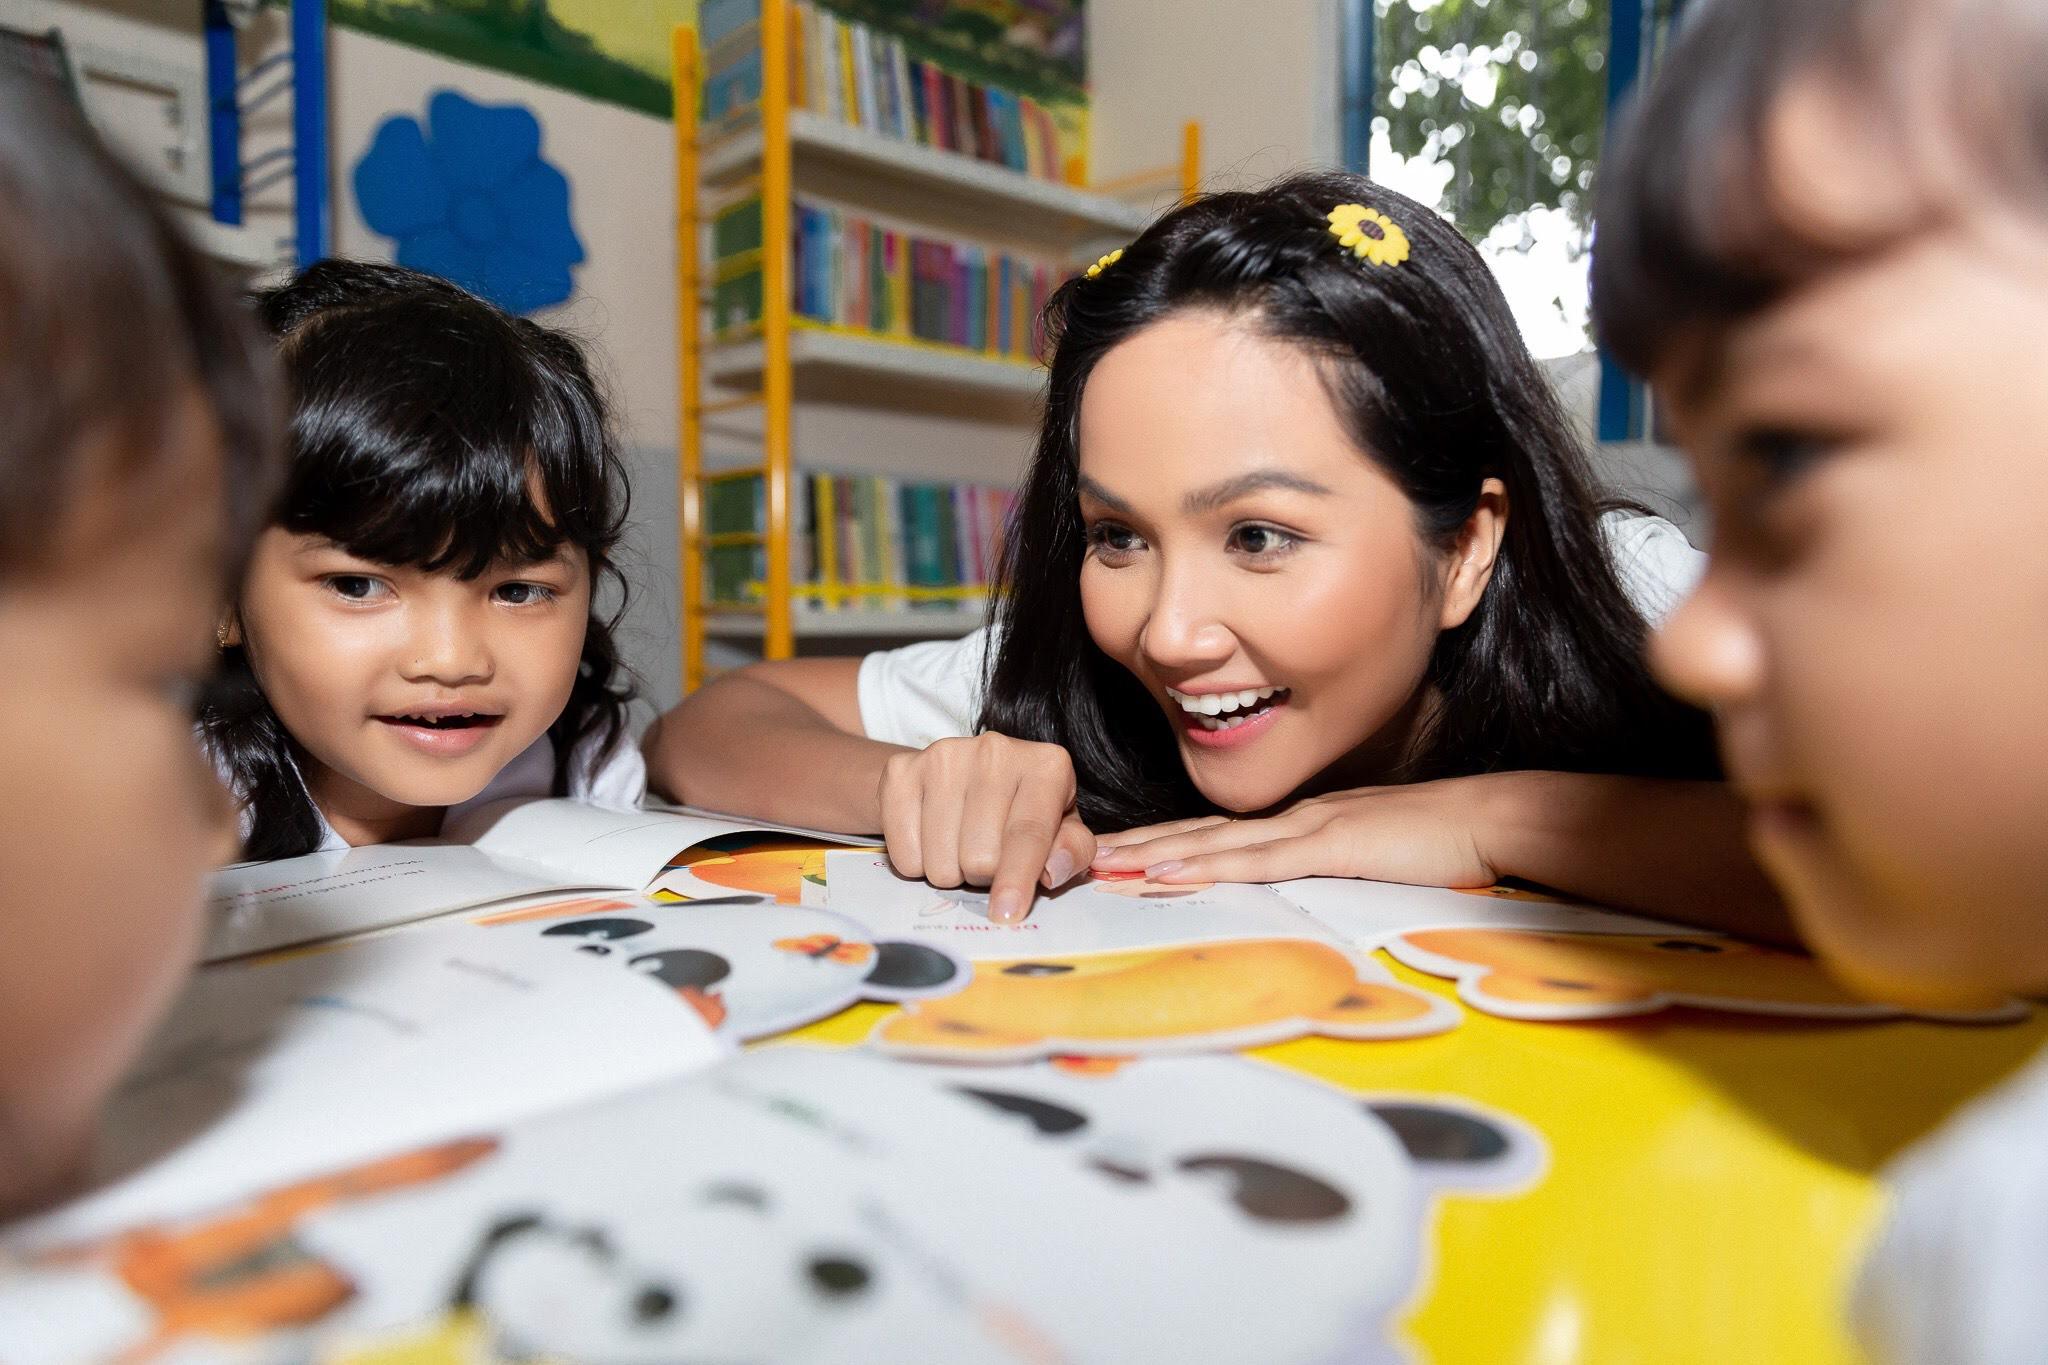 Hoa hau HHen Nie_Xay dung thu vien Room To Read tai Dak Lak (1)